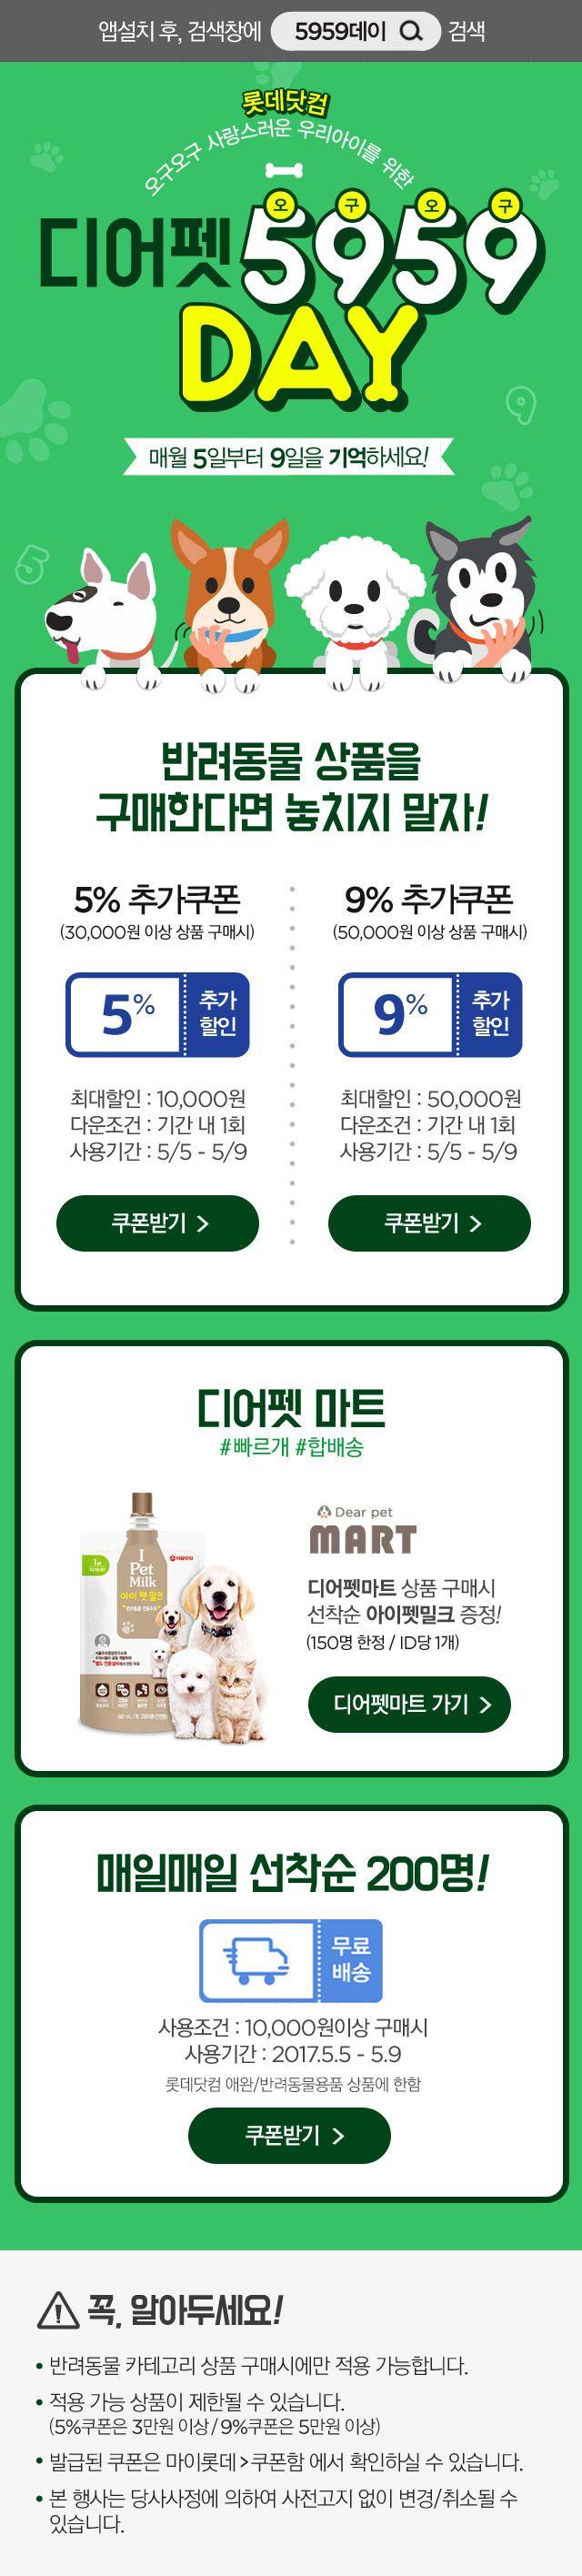 디어펫5959DAY (MO)_생활팀_170505_Designed by 박세미